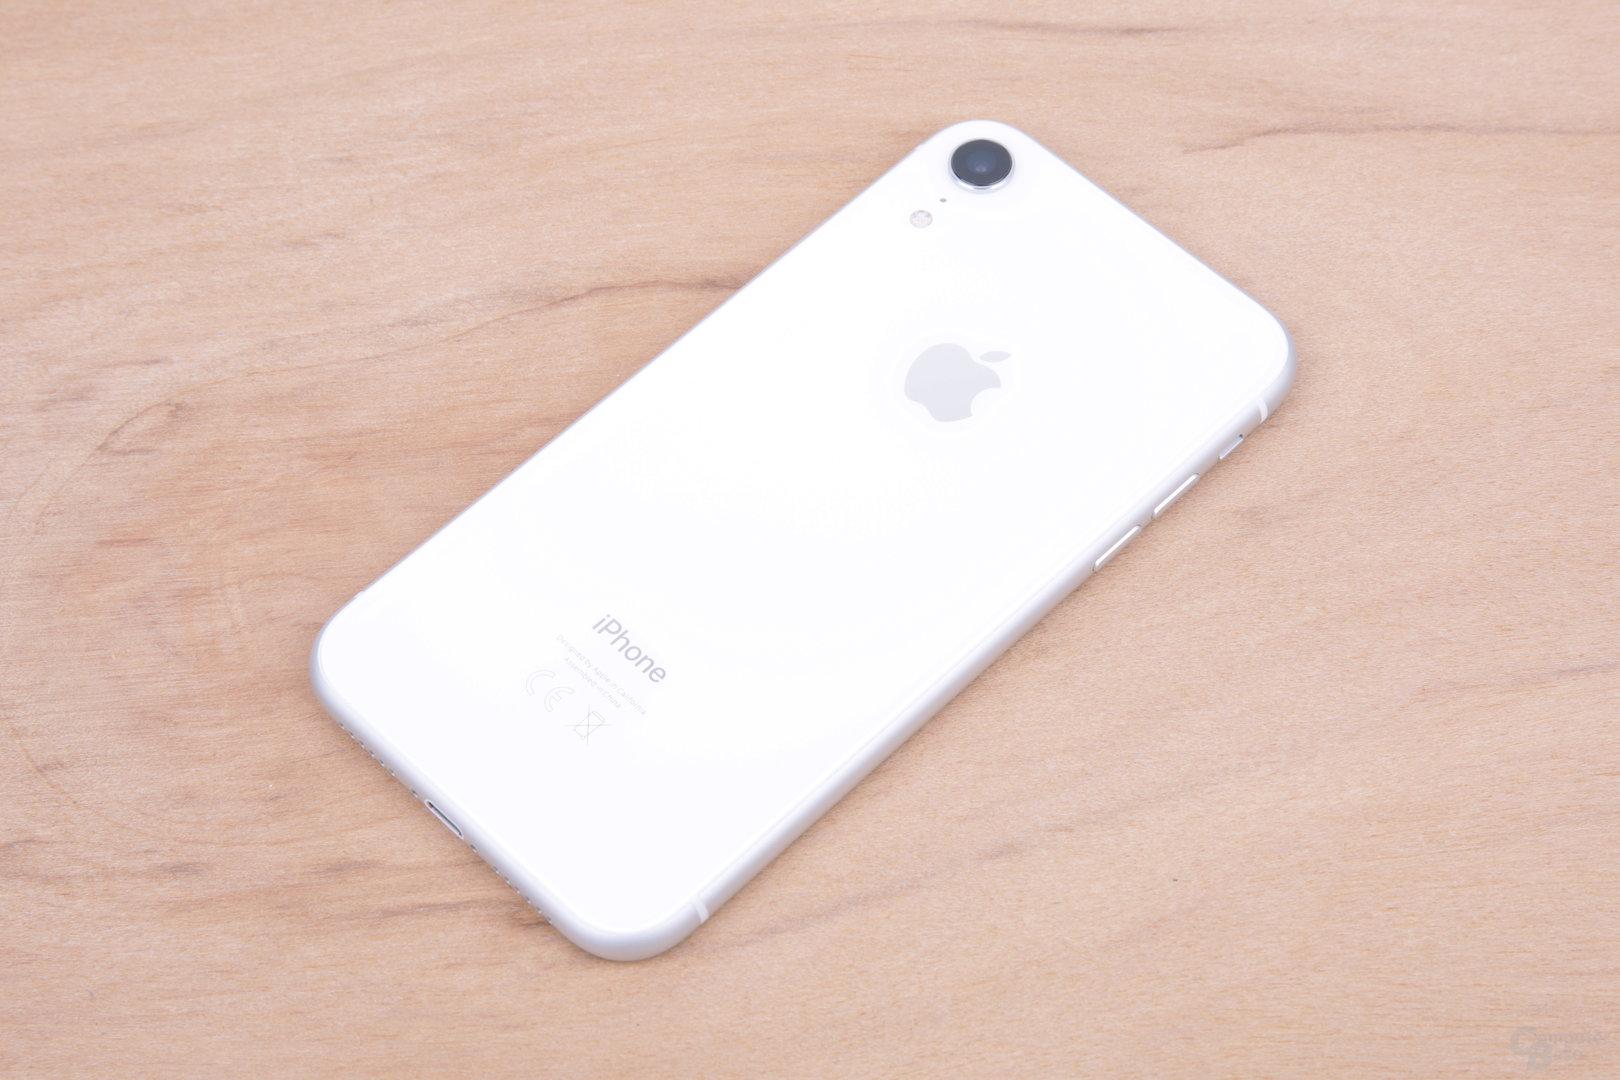 iPhone Xr in Weiß